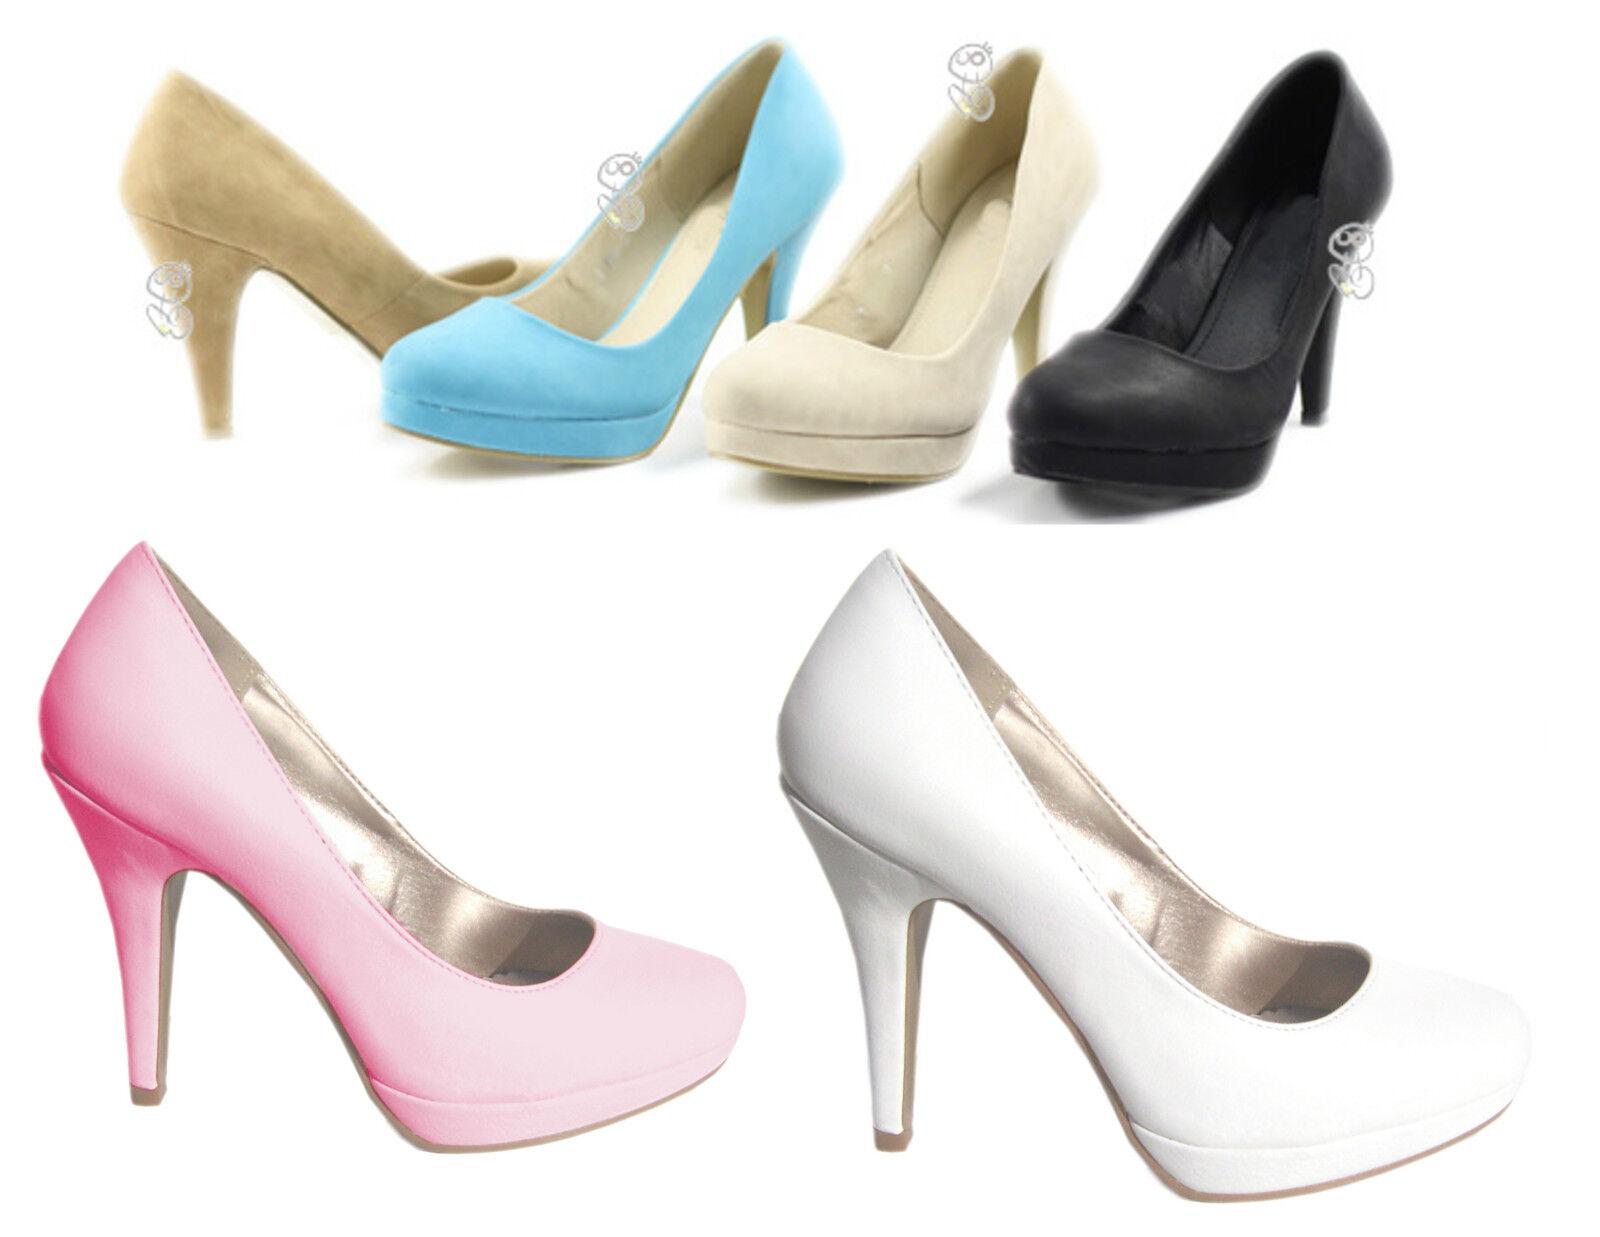 Chaussures pour femmes talons hauts éscarpins plateau blanc 36 37 38 39 40 41